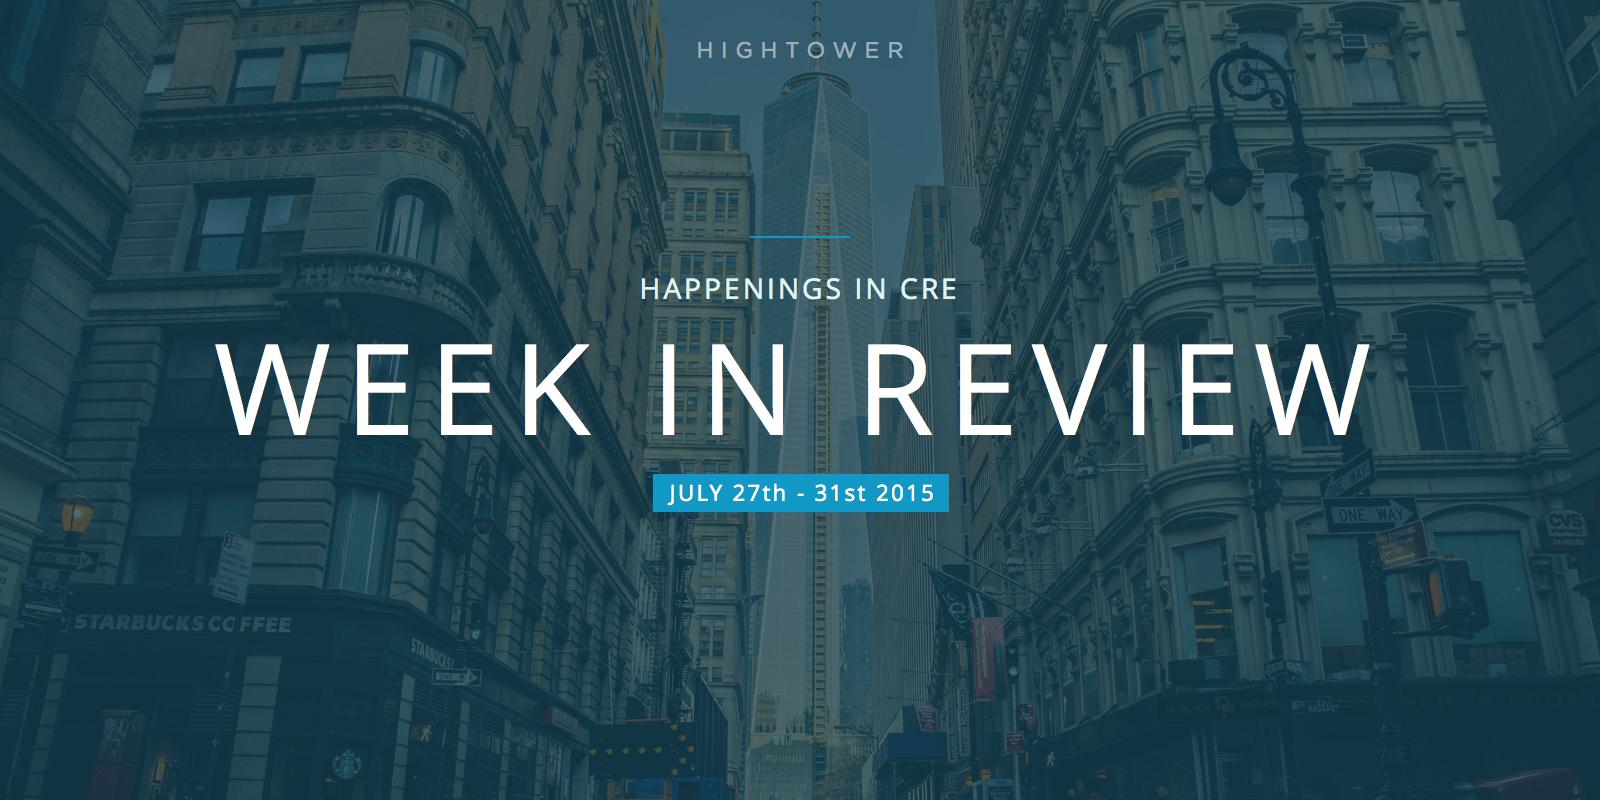 Happenings in CRE - Week in Review